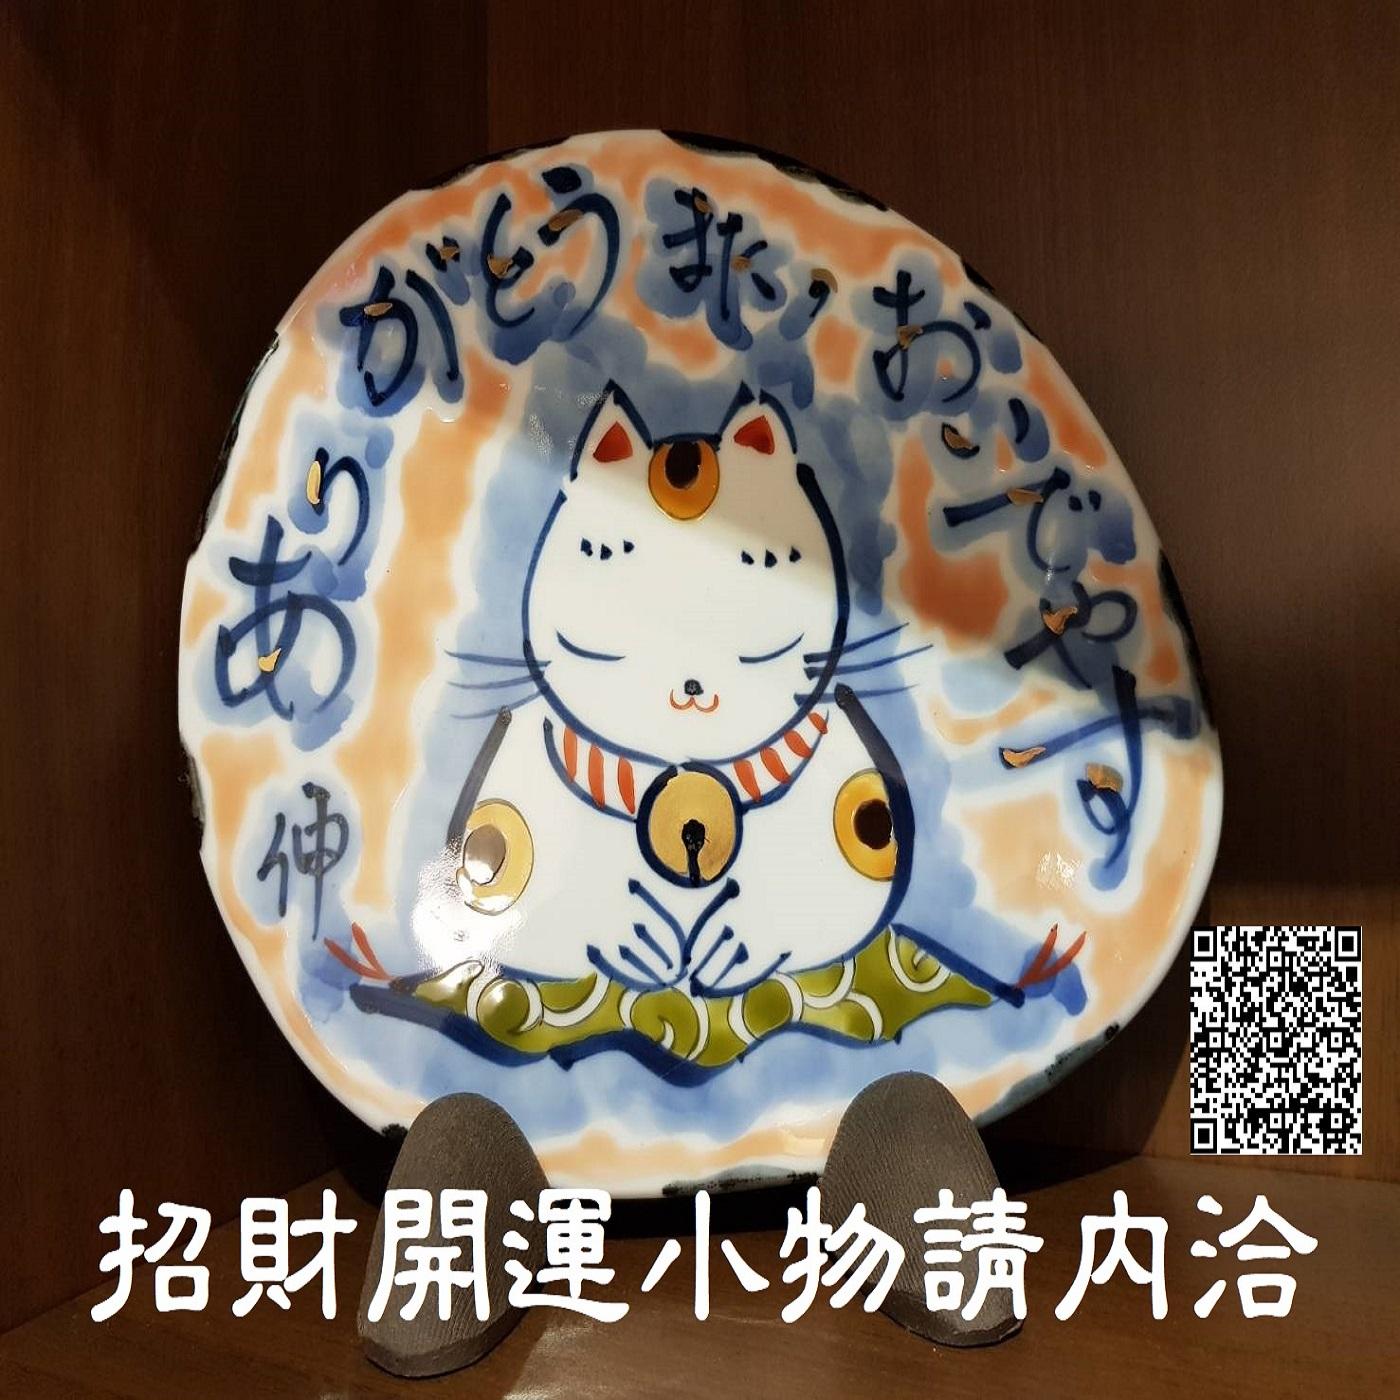 04/01(日)初二十 阿明師兄報好運